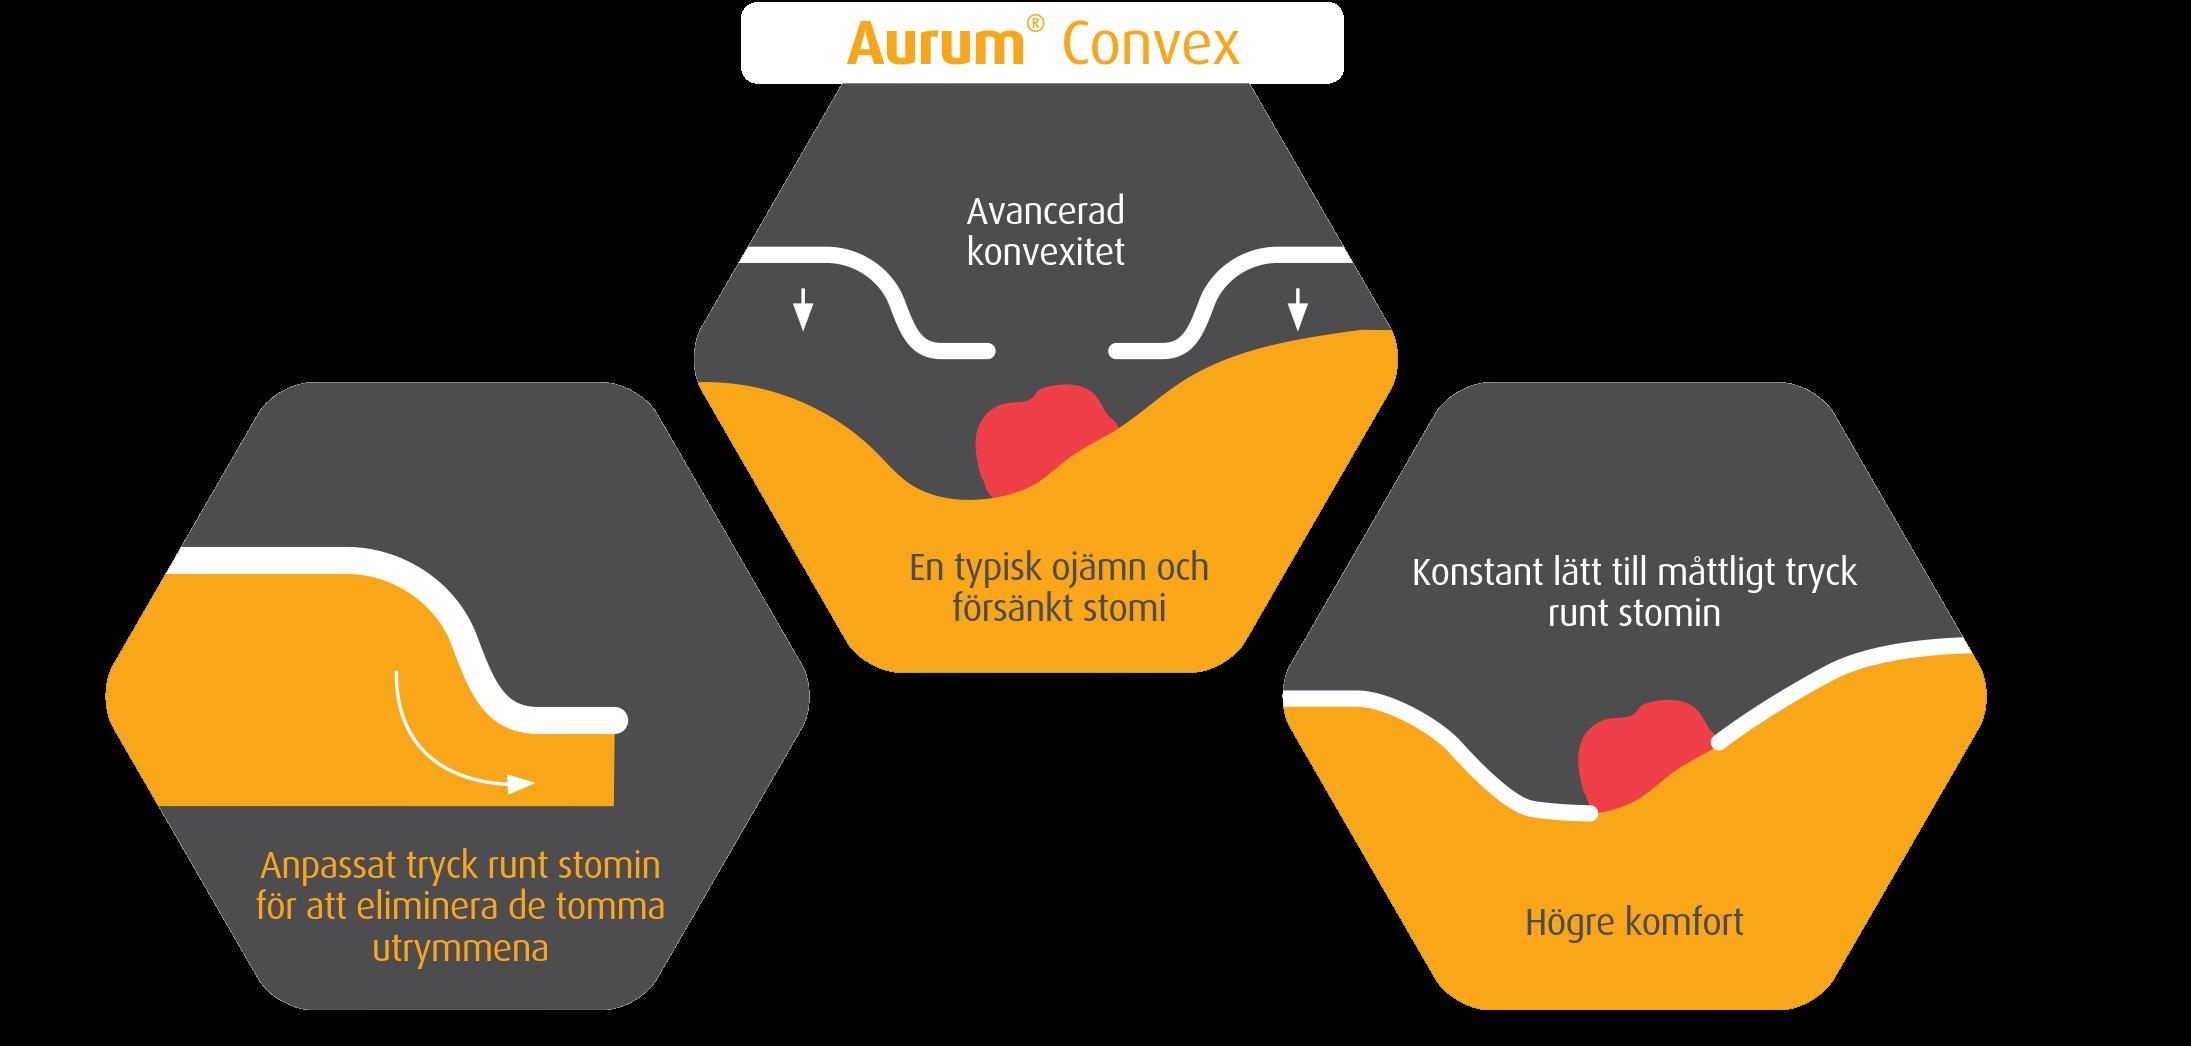 Aurum_Convex_sluten image pressure